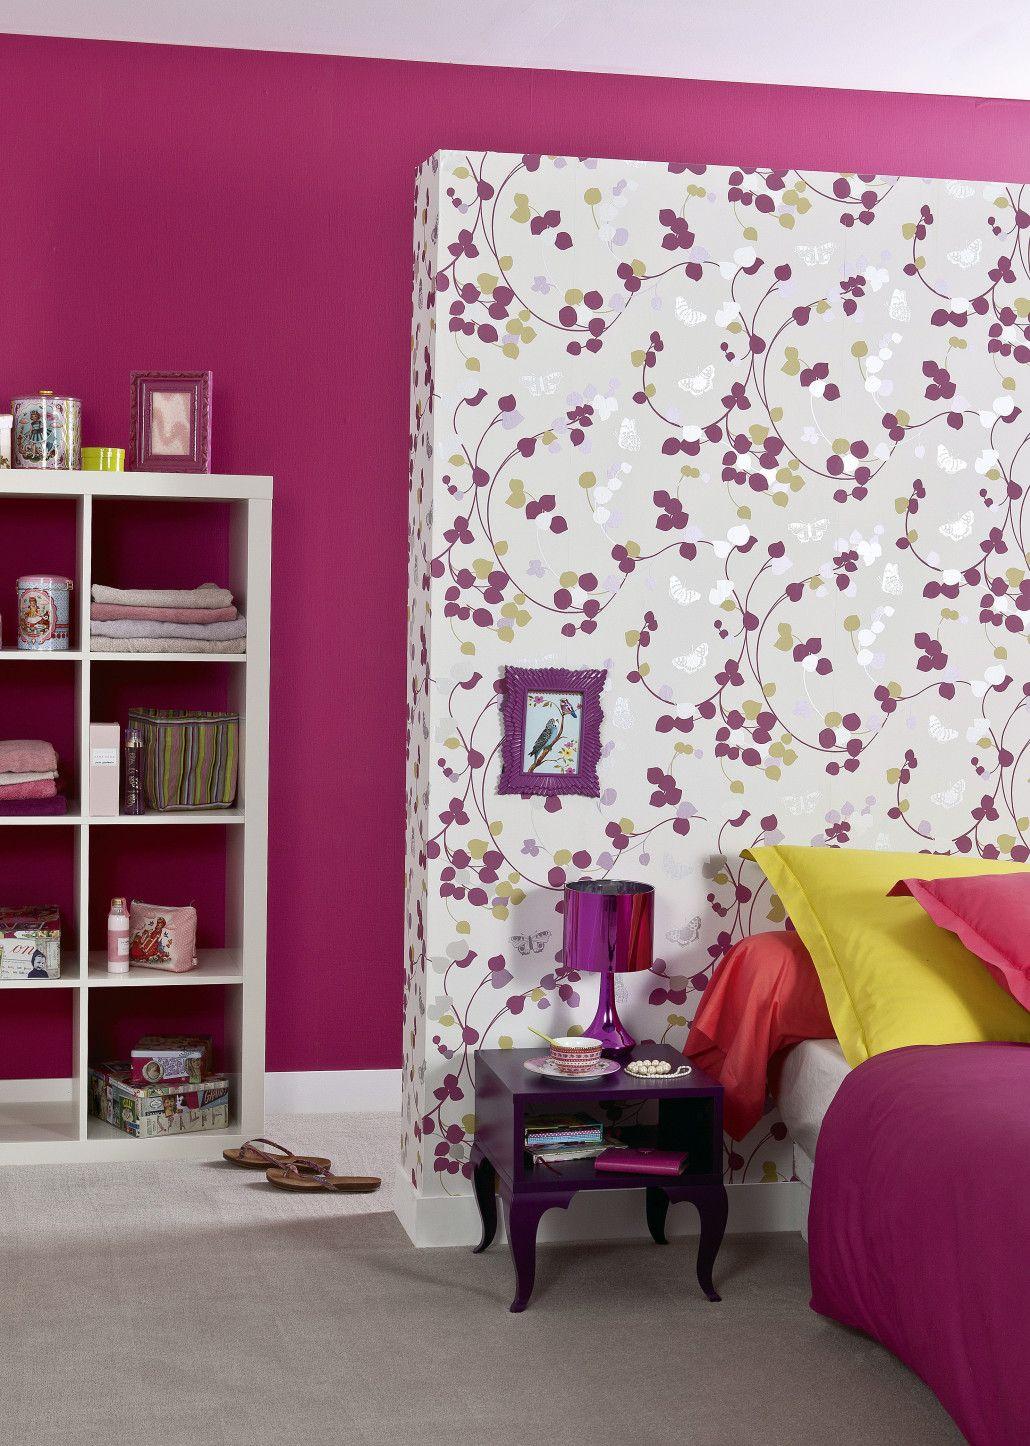 8 id es d co avec le papier peint id e d co 2 et si dans votre chambre le papier peint devenait. Black Bedroom Furniture Sets. Home Design Ideas